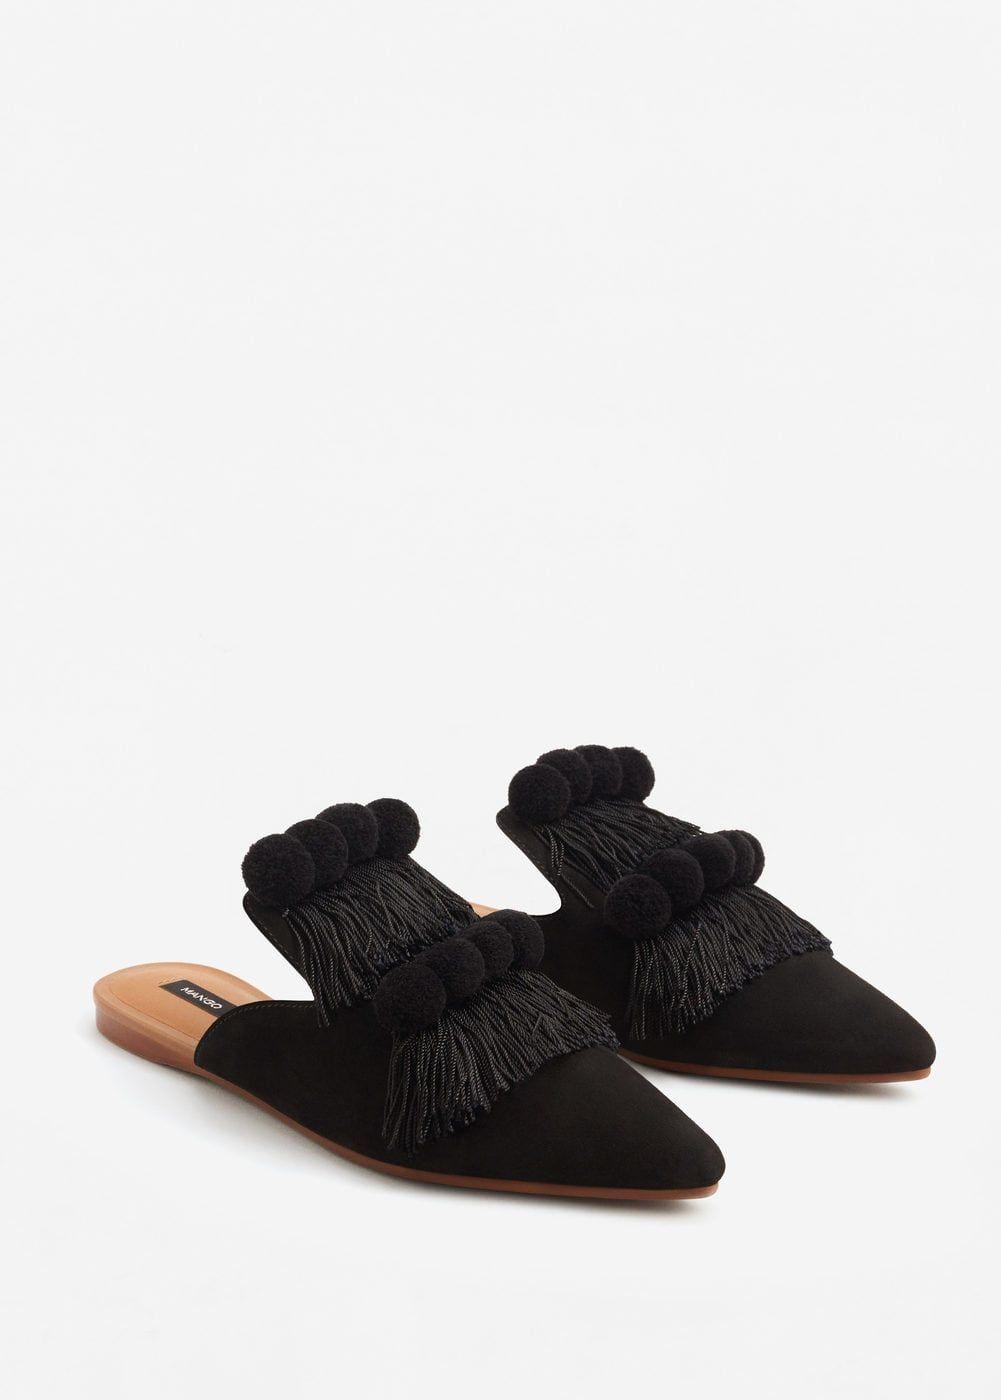 ab3e9636442 Backless fringed shoes - Women